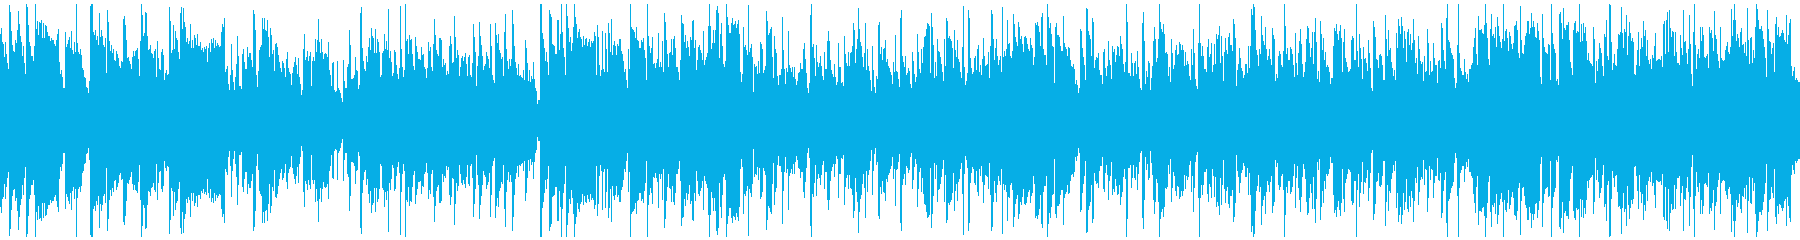 超かっこいい高速ジャズ ※ループ仕様版の再生済みの波形